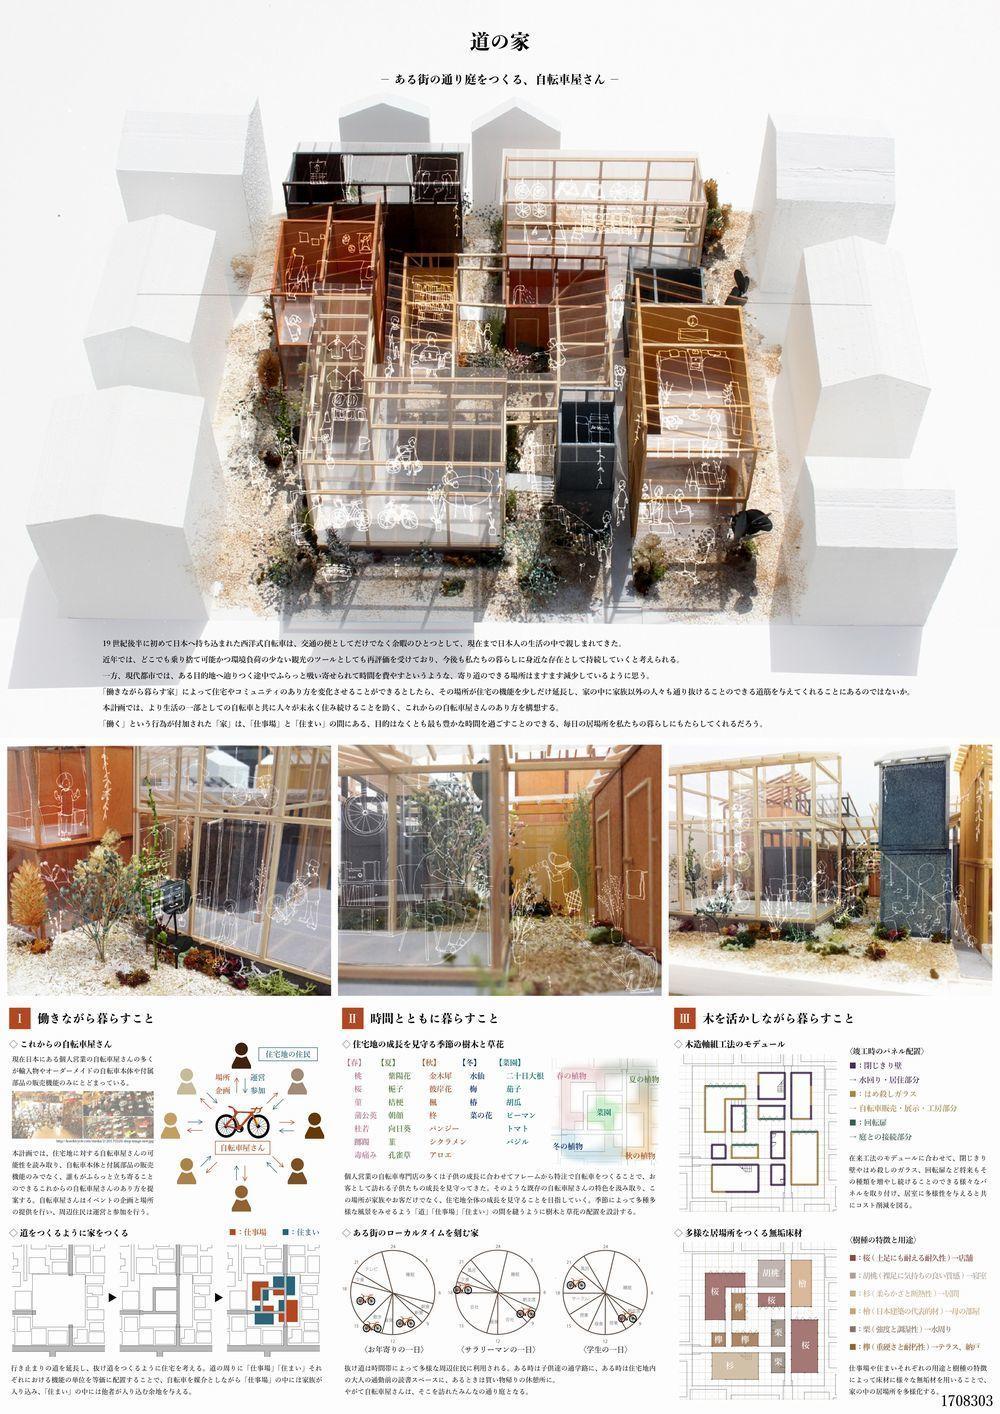 受賞作品 木の家設計グランプリ 建築レイアウト 建築設計図 設計